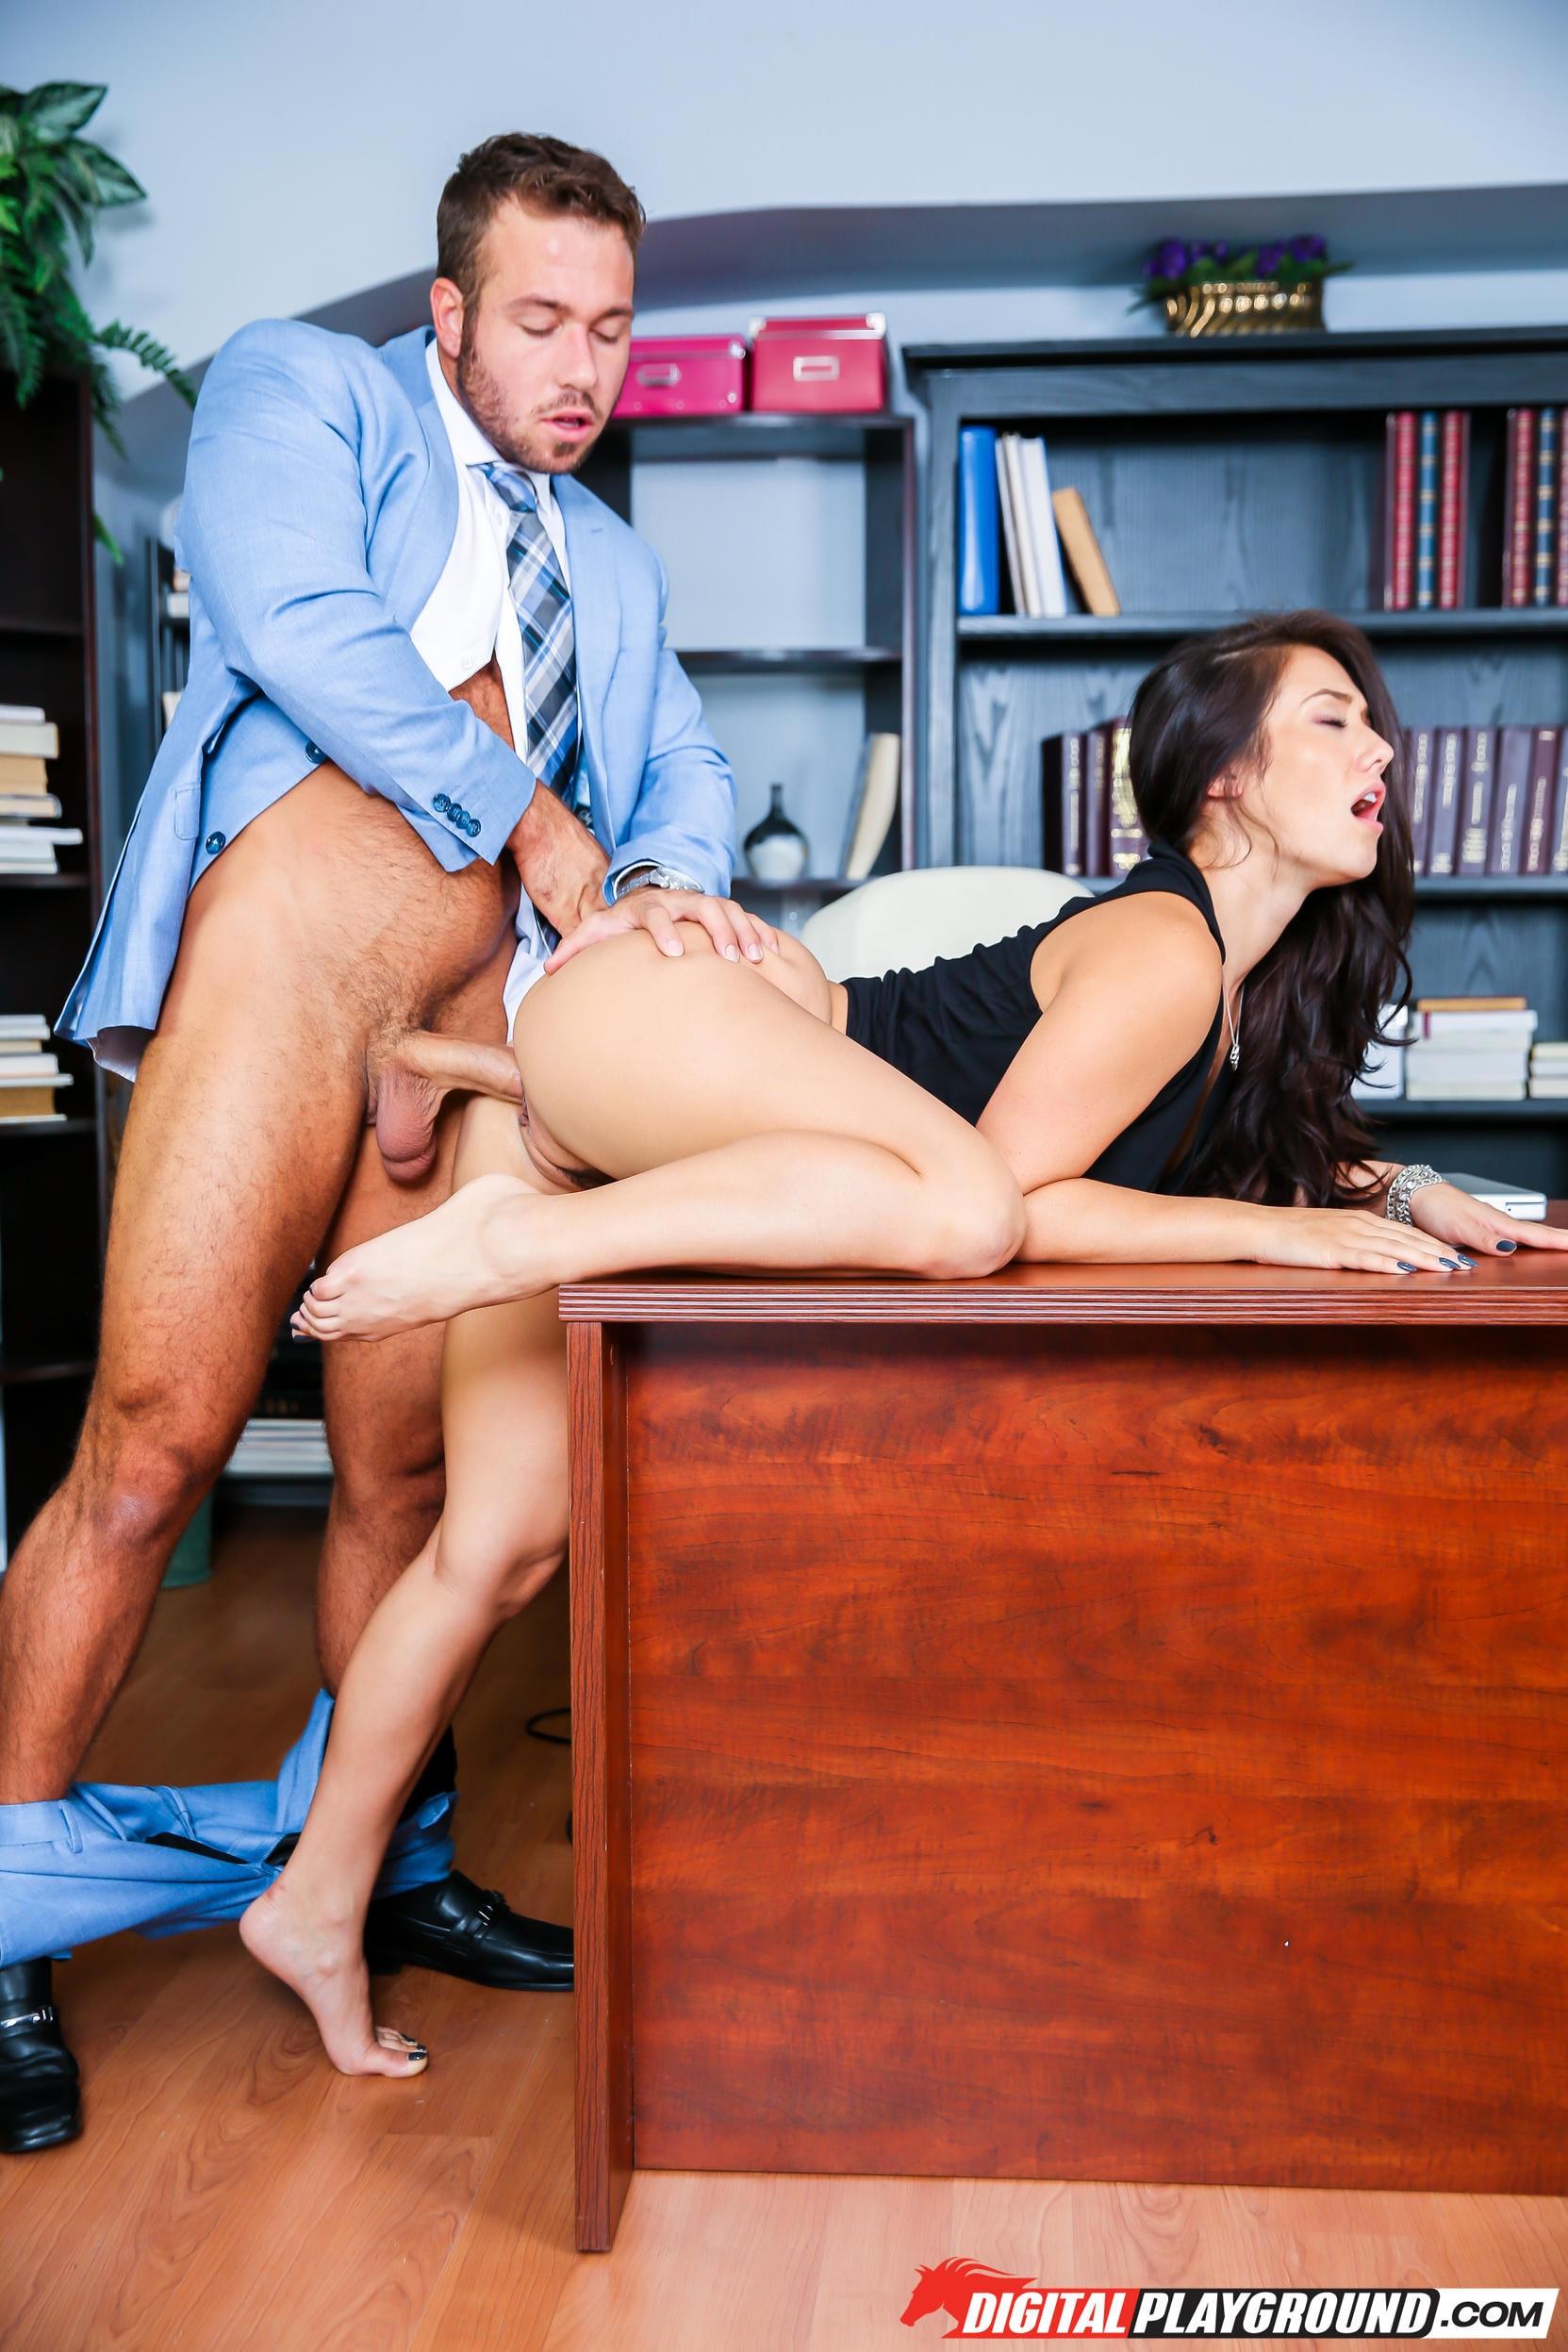 Трахнул свою красивую секретаршу будет довольно